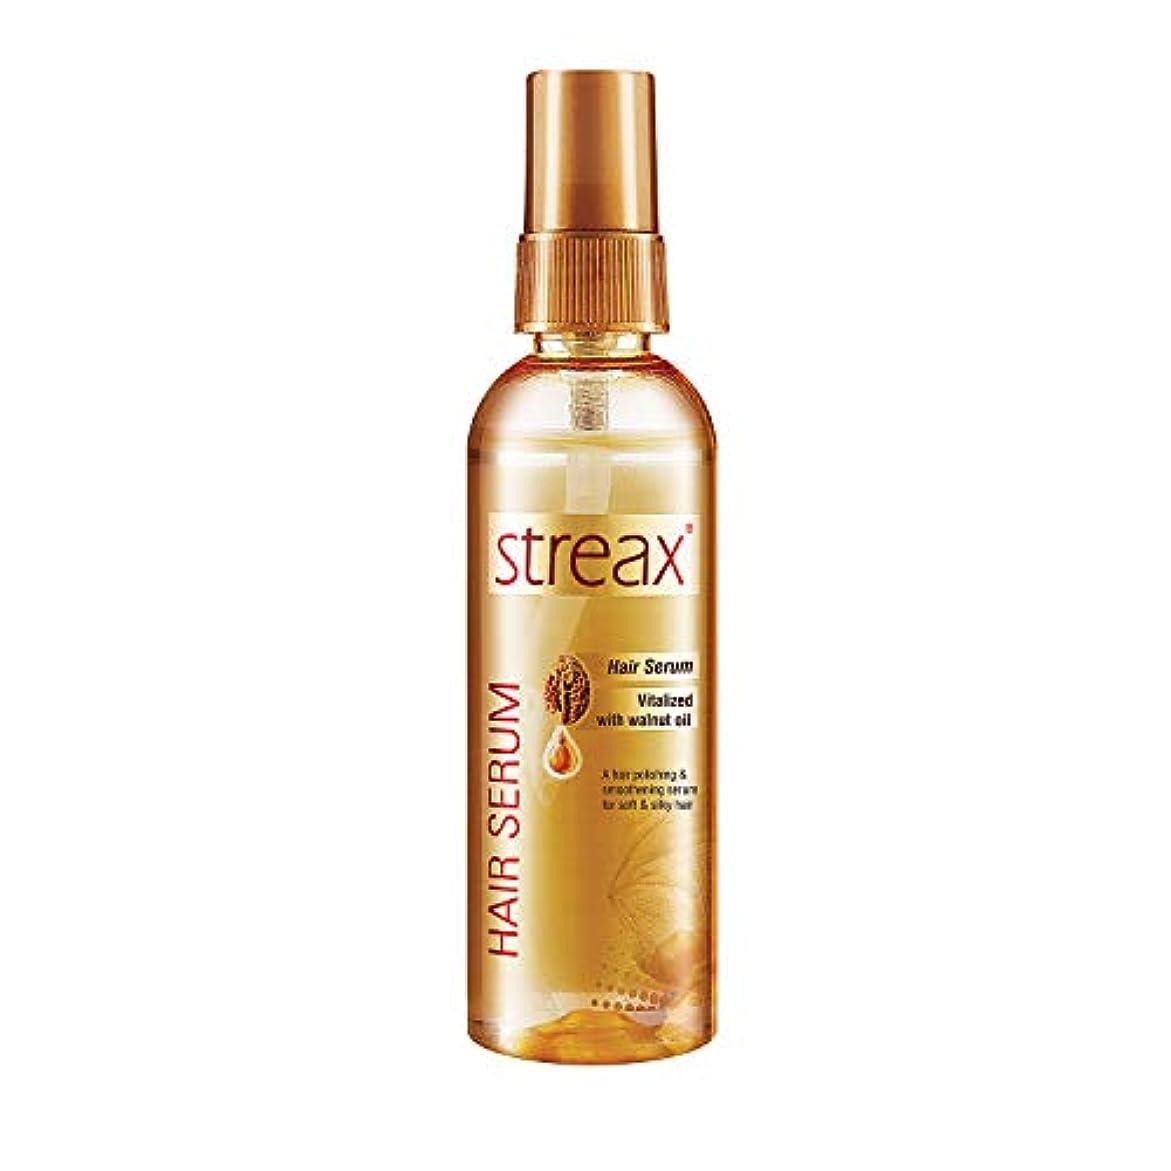 除去タービン殺しますクルミオイルで強化しStreax髪血清は縮れフリーサテンスムースヘア100ミリリットルを提供します( 3.5オンス)Streax Hair Serum Enriched with Walnut Oil Gives Frizz-free...